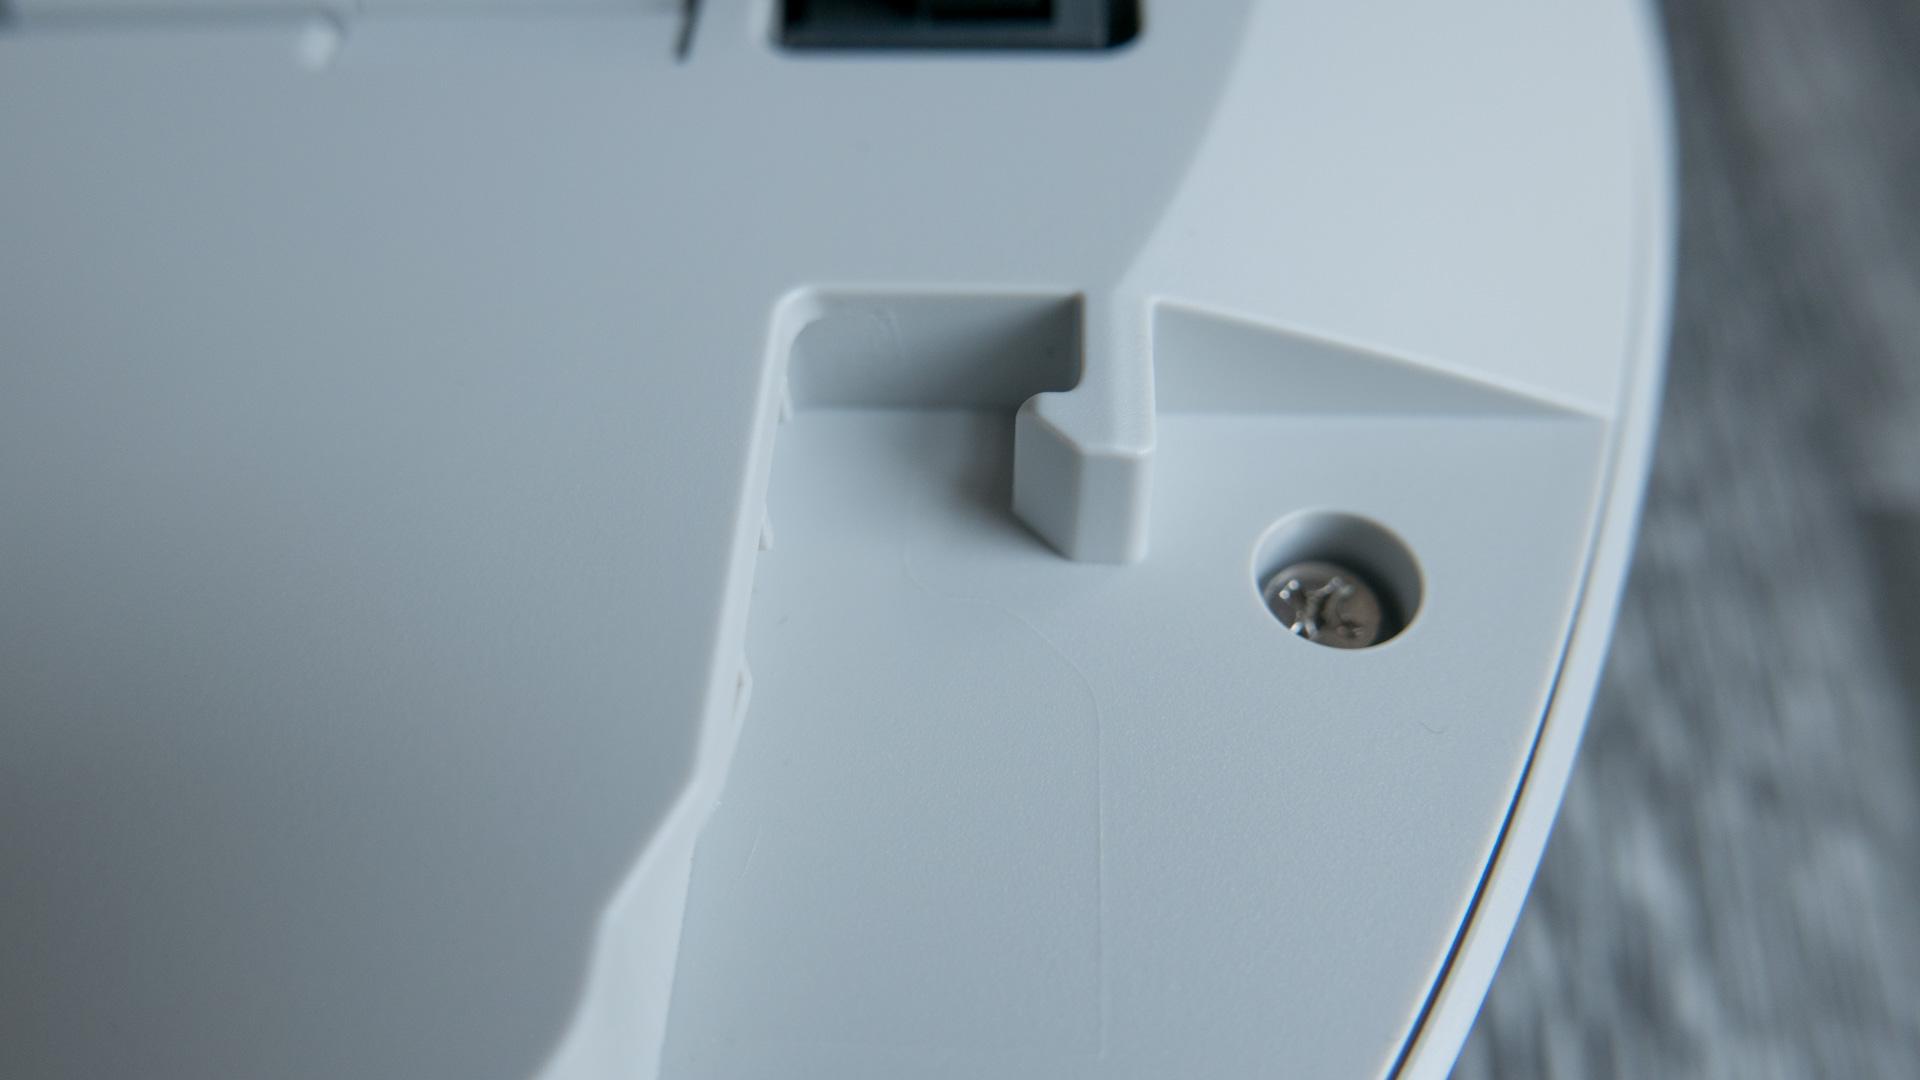 Xiaomi roborock Xiaowa Details 23